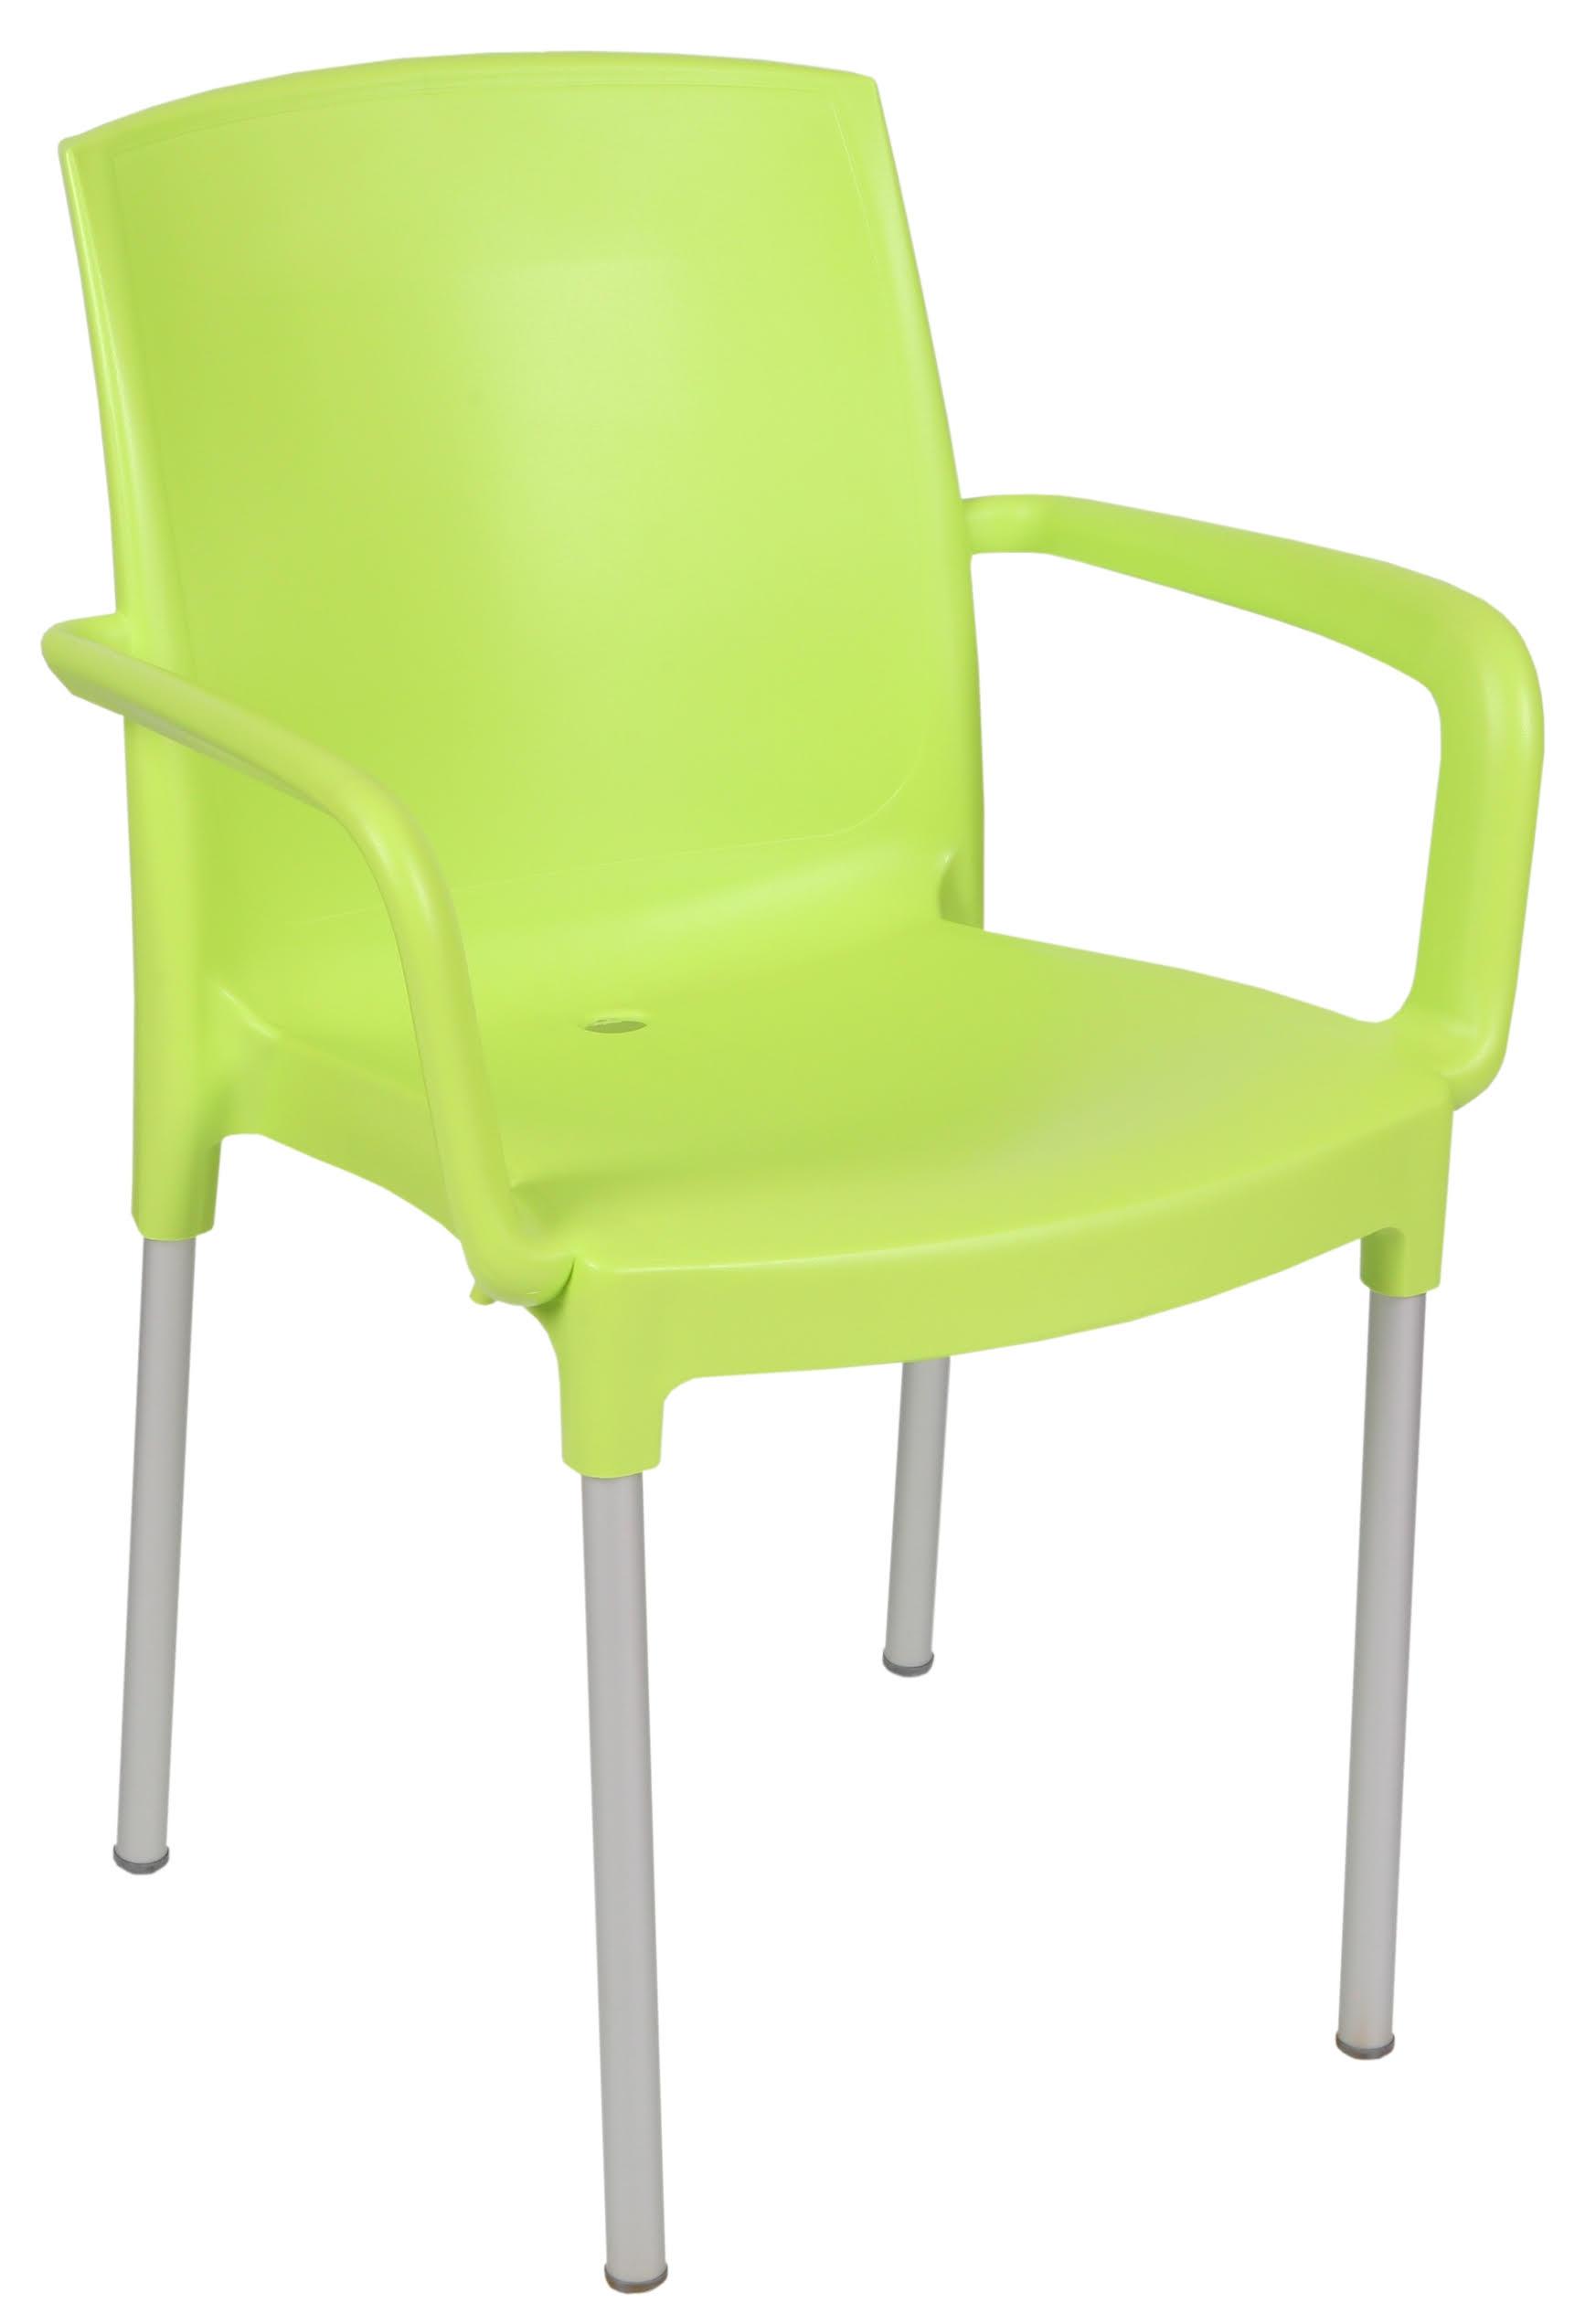 כסא פלסטיק דגם CLAIRE מגוון צבעים